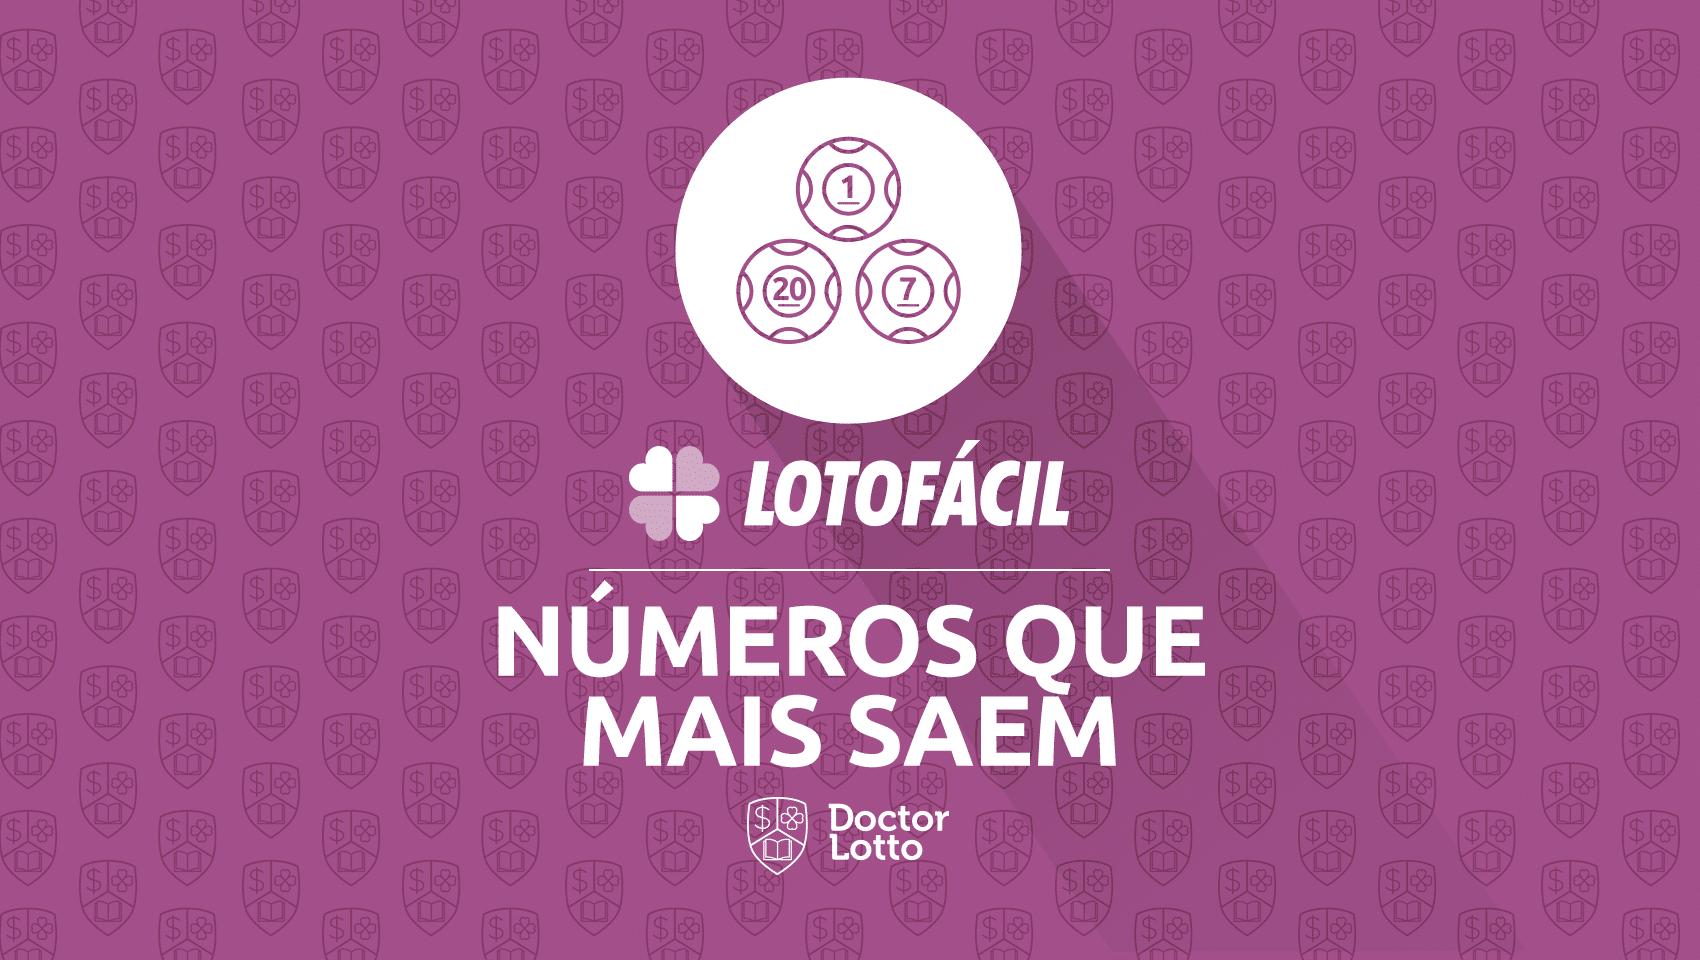 segredo da lotofacil 2019